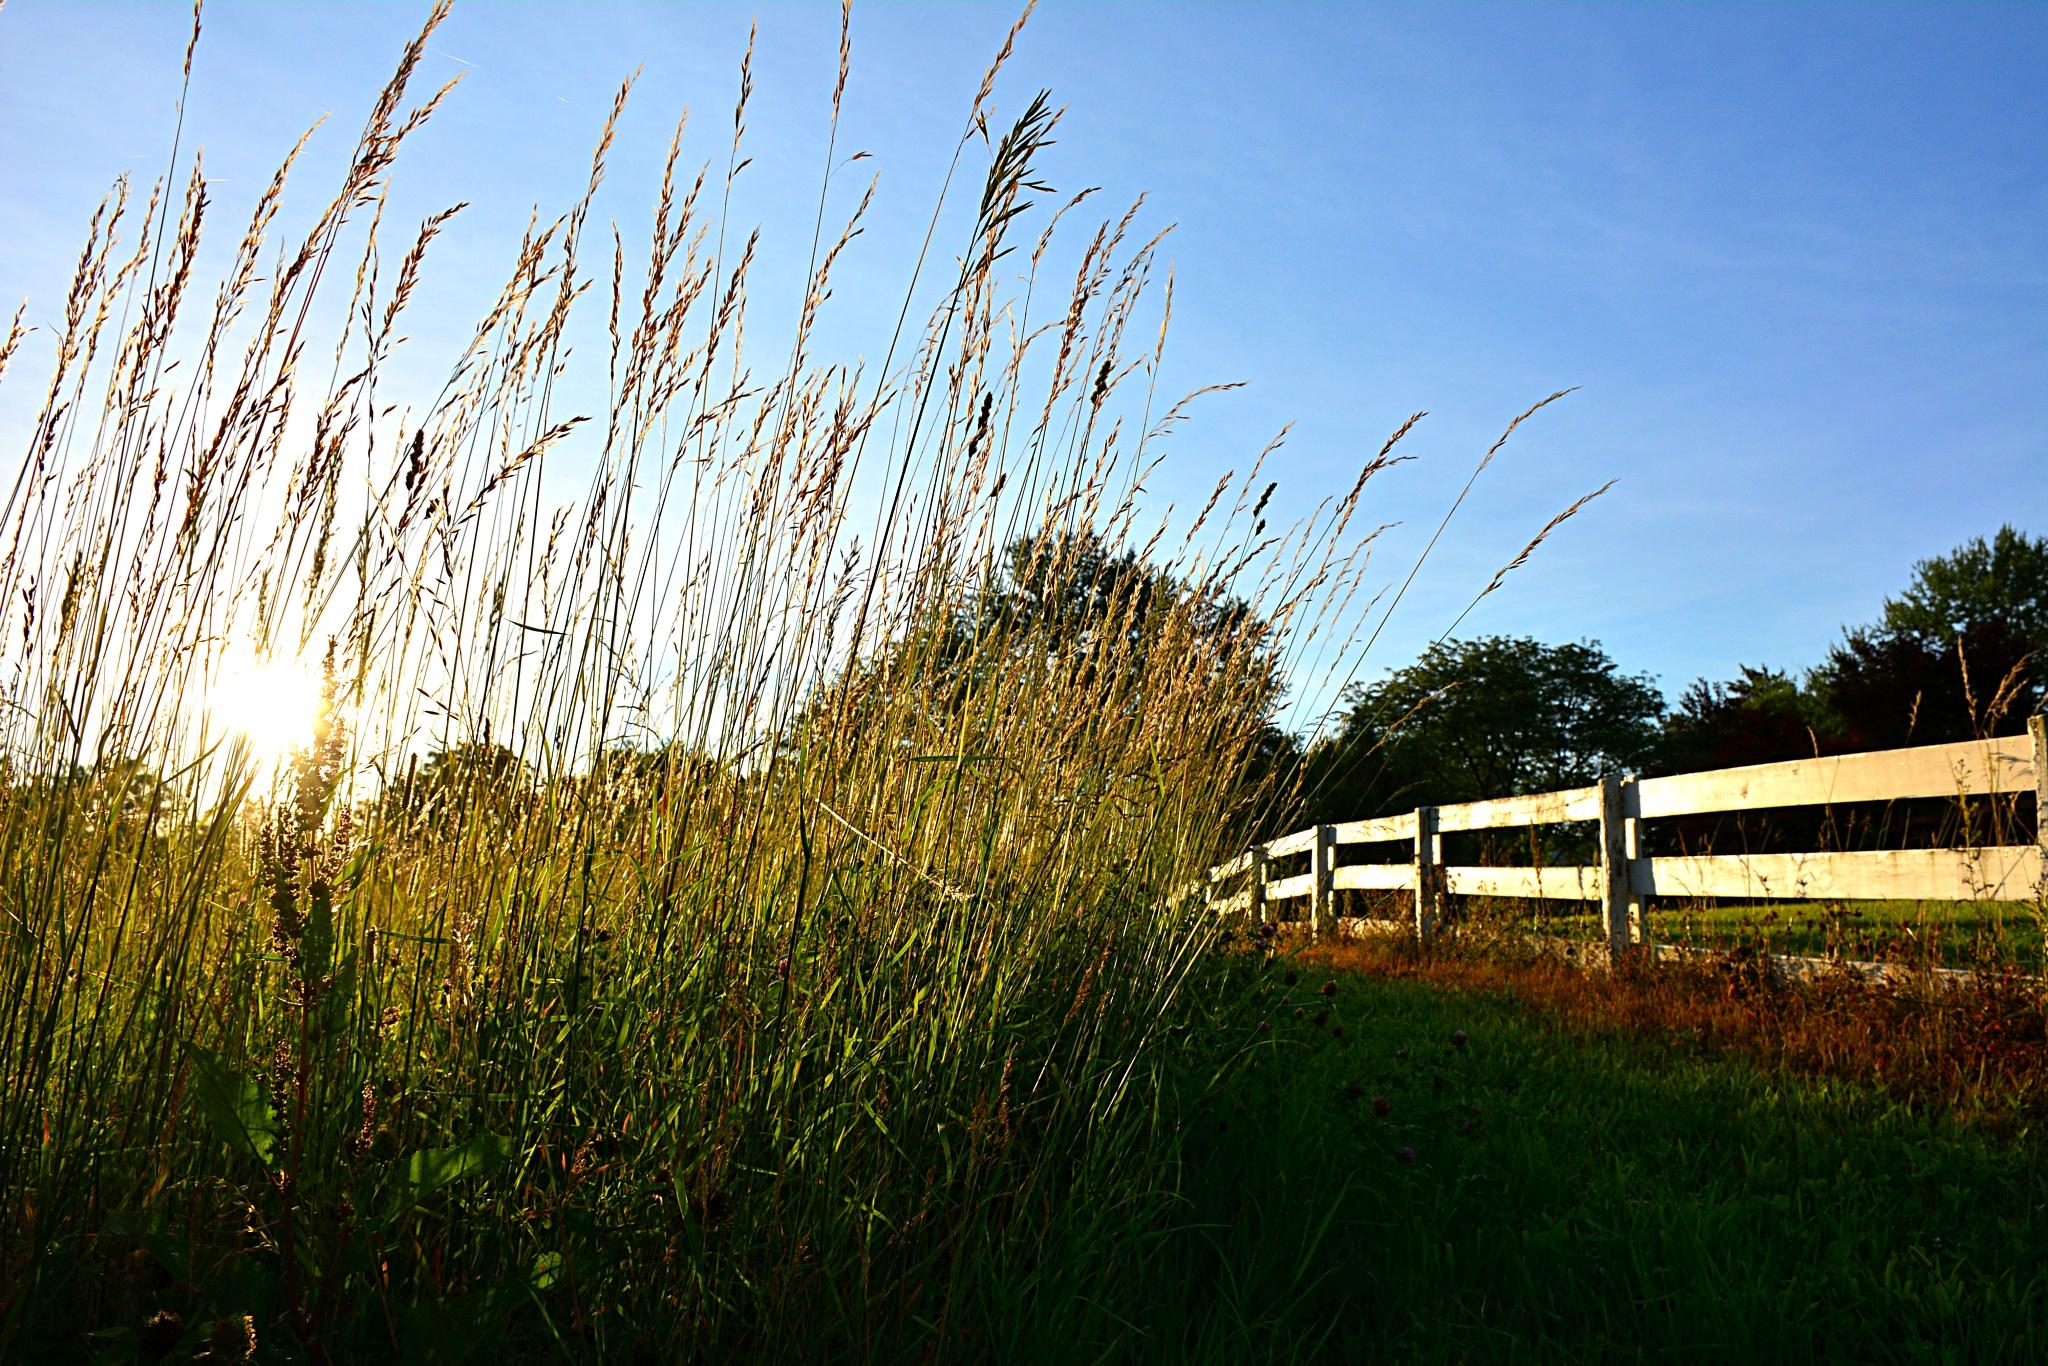 Grassy by yepimabeliever